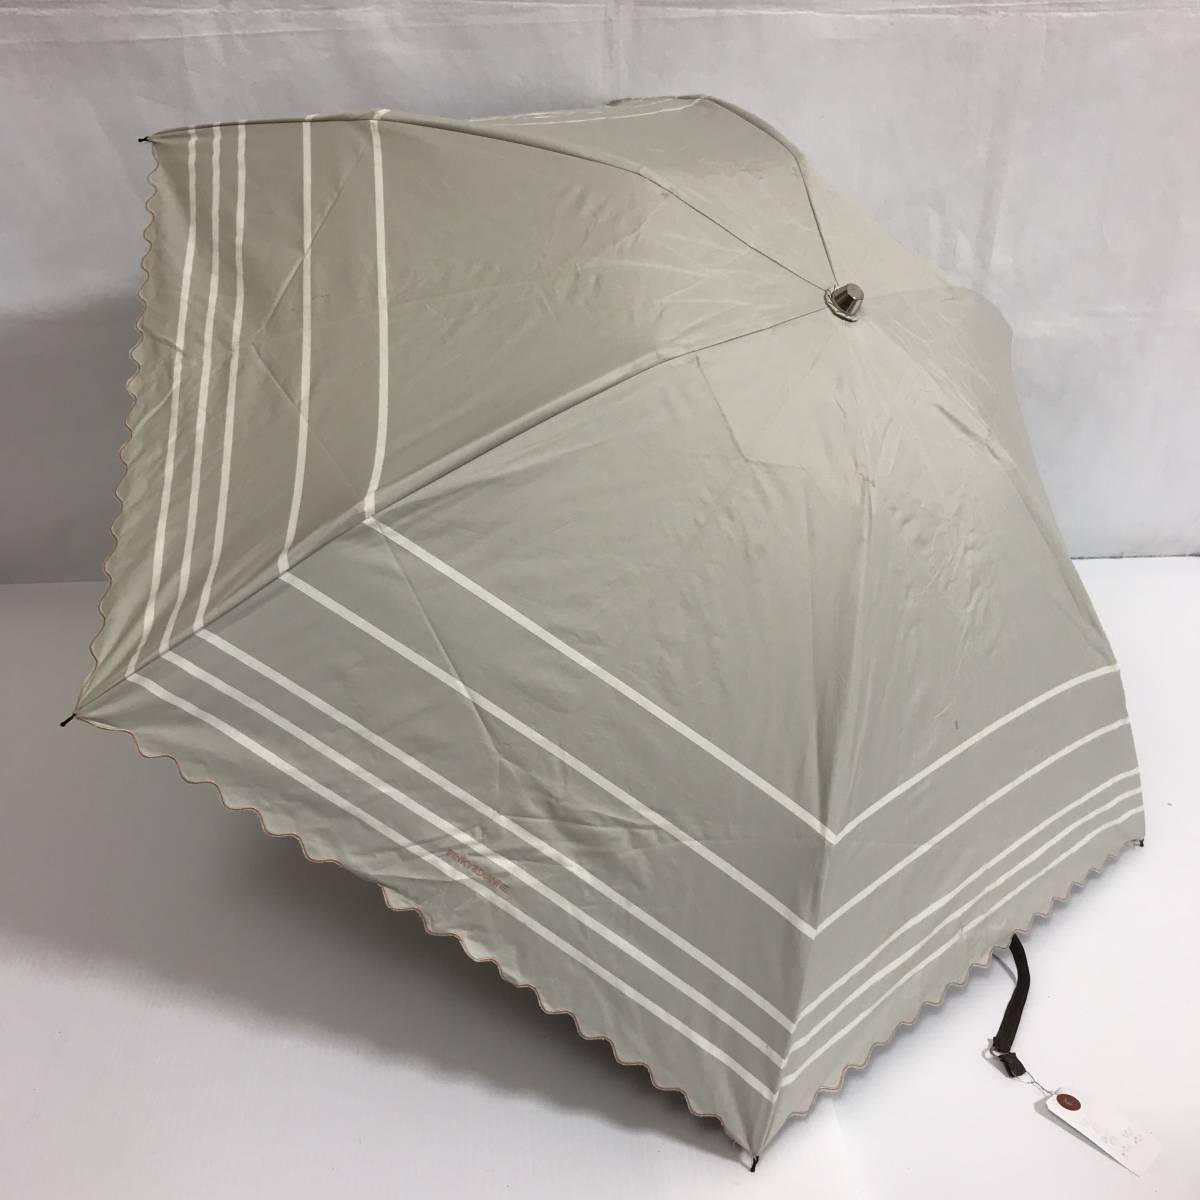 う090535 中古 Pinky&Dianne ピンキー&ダイアン AURORA オーロラ 晴雨兼用 雨傘 日傘 折りたたみ傘 女性用